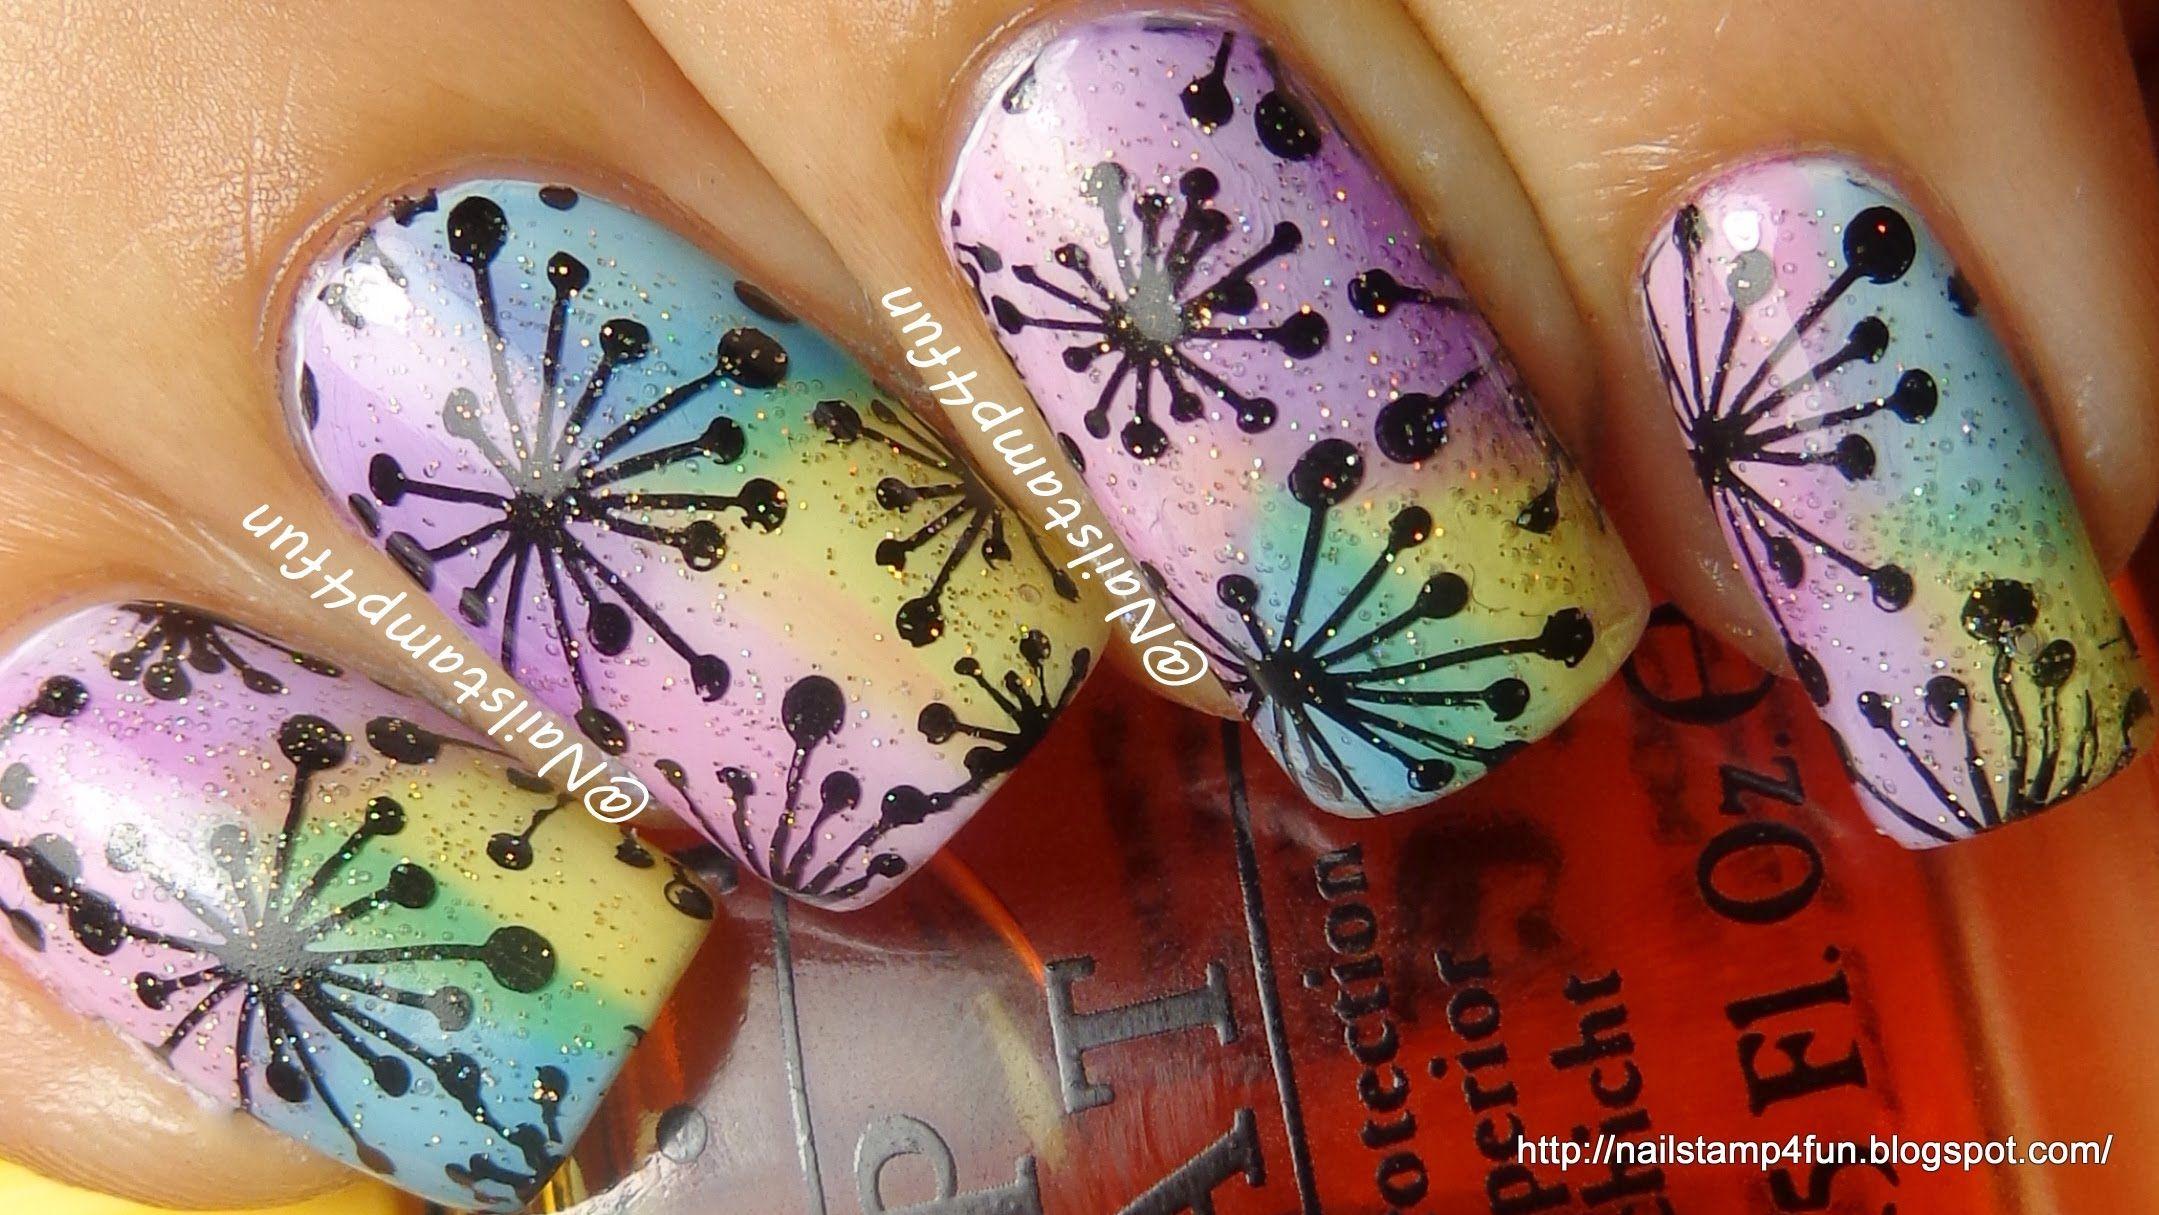 Nail Stamping Tutorial Using OPI Sheer Tints | Nails - How to ...